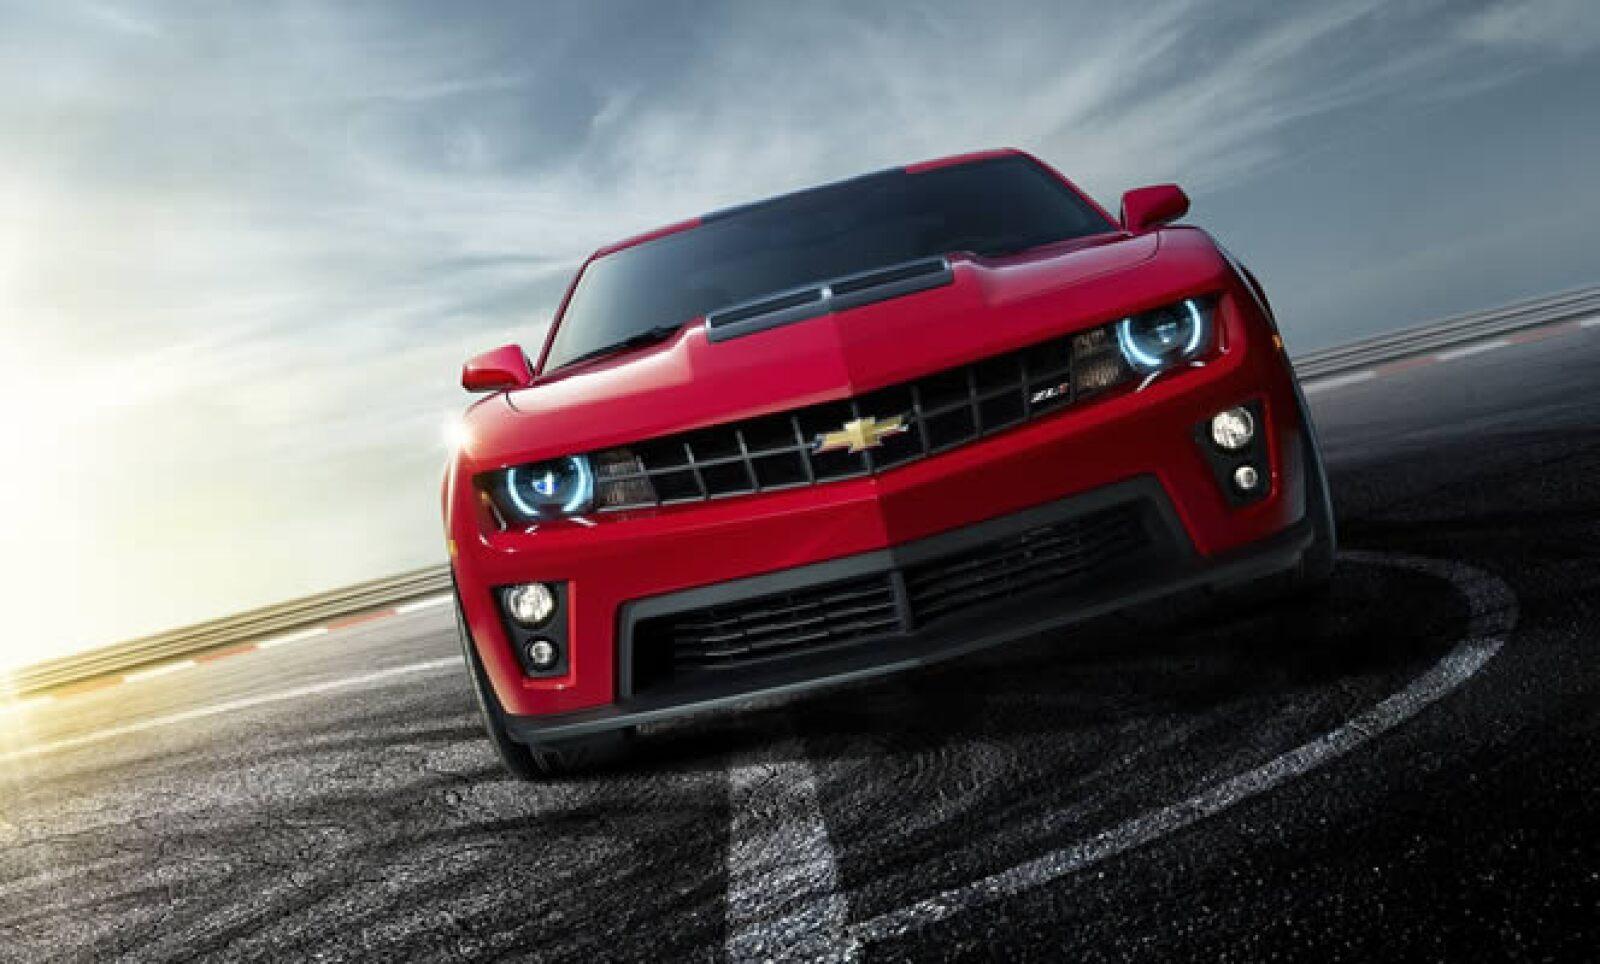 El Camaro más poderoso fabricado hasta el momento cuenta con un motor V-8, capaz de producir hasta 550 caballos de fuerza, que superará los 300 kilómetros por hora. Disponible en el primer semestre de 2012.